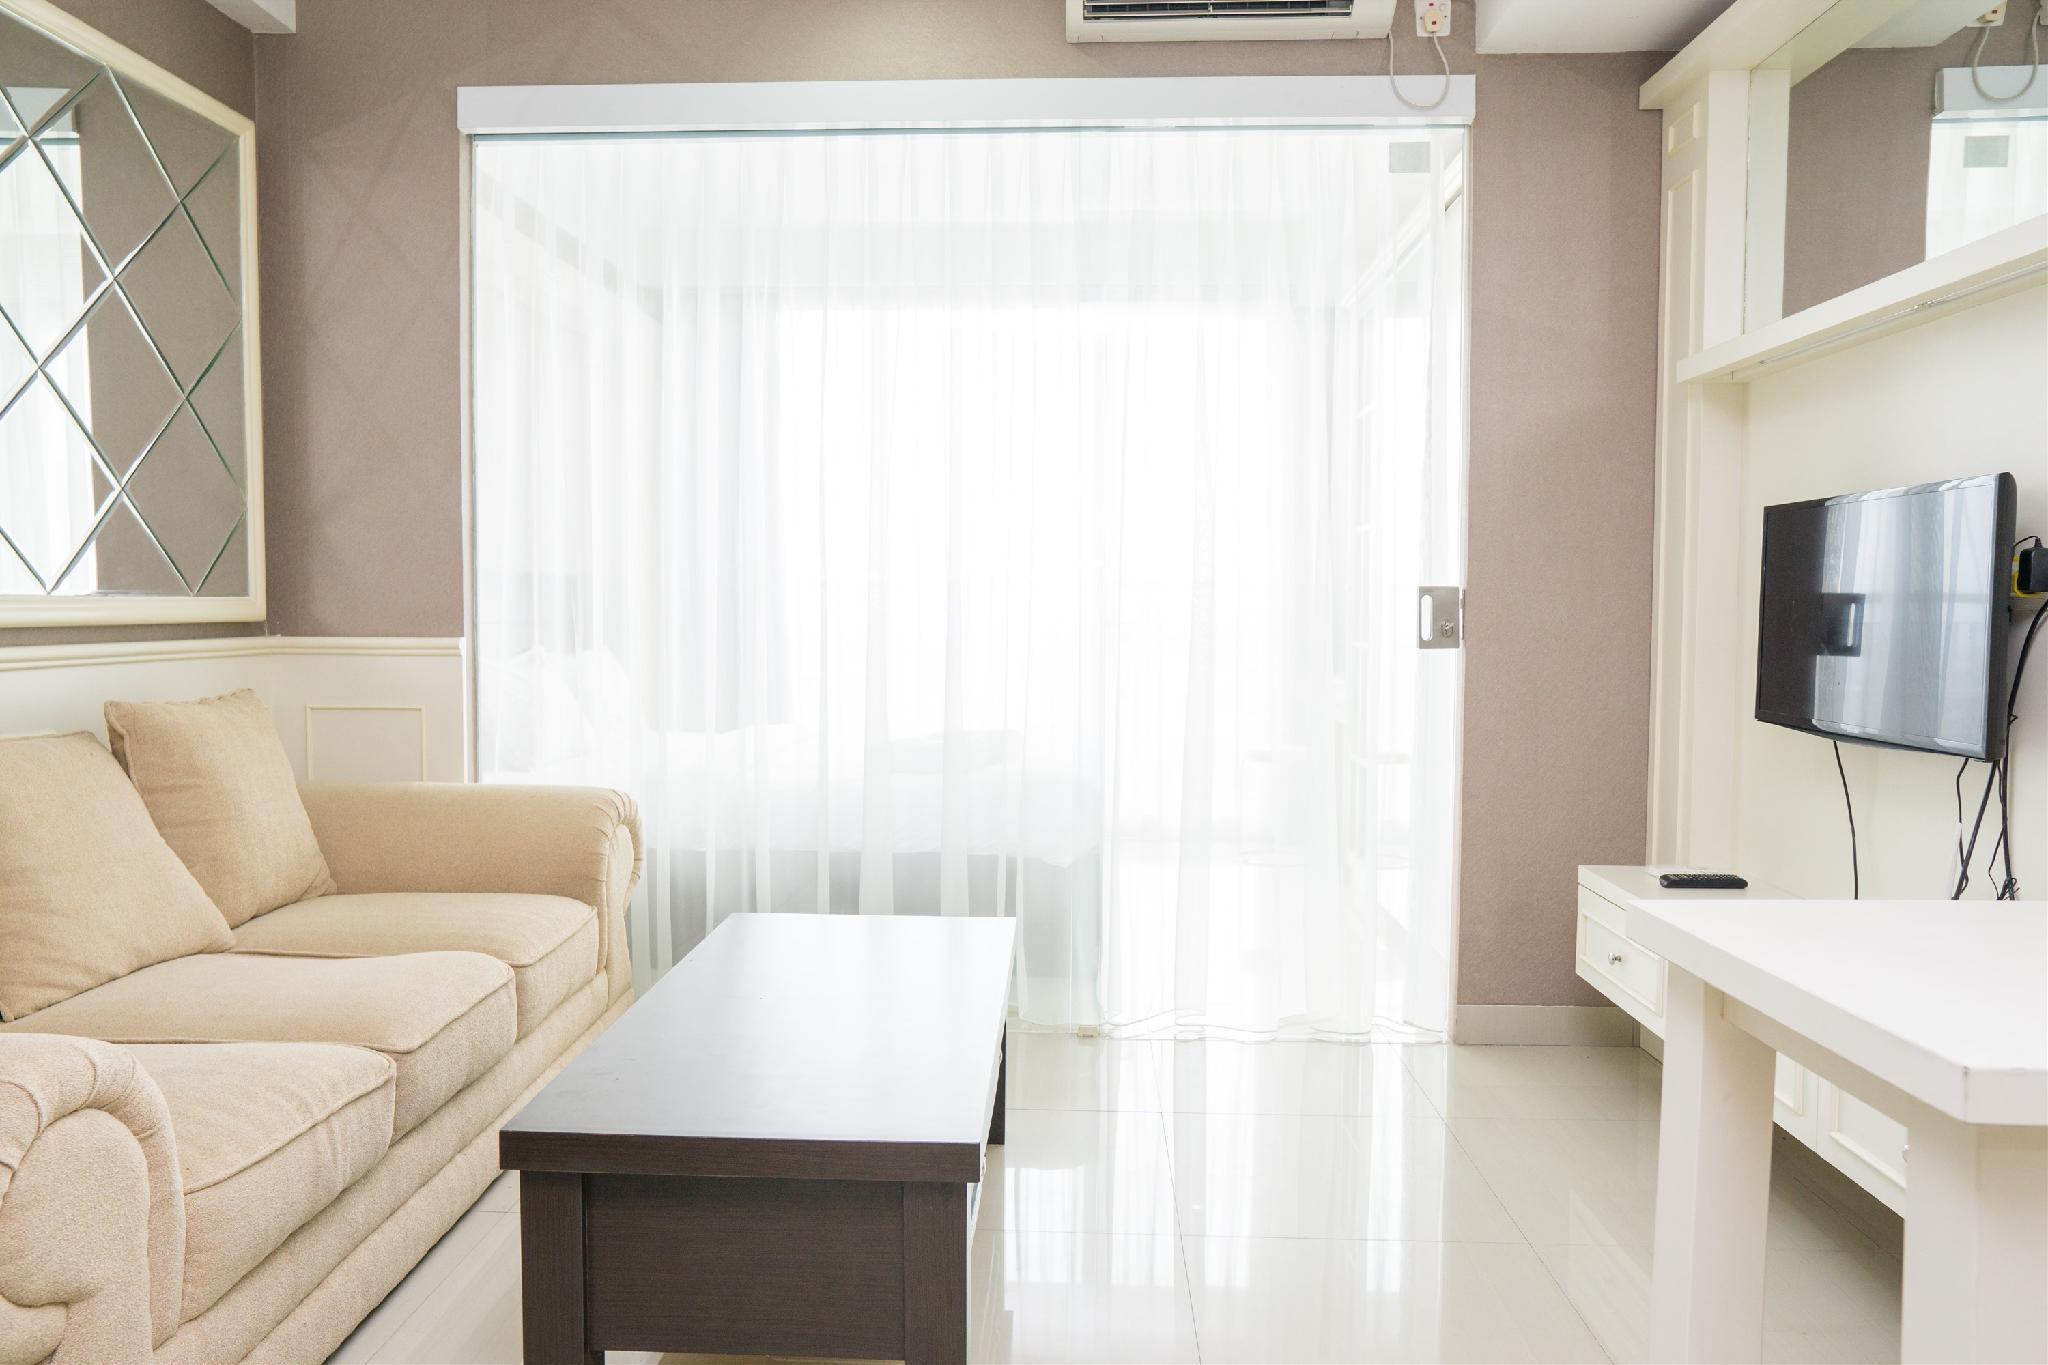 Lavish Design 1BR Dago Suites Apt By Travelio